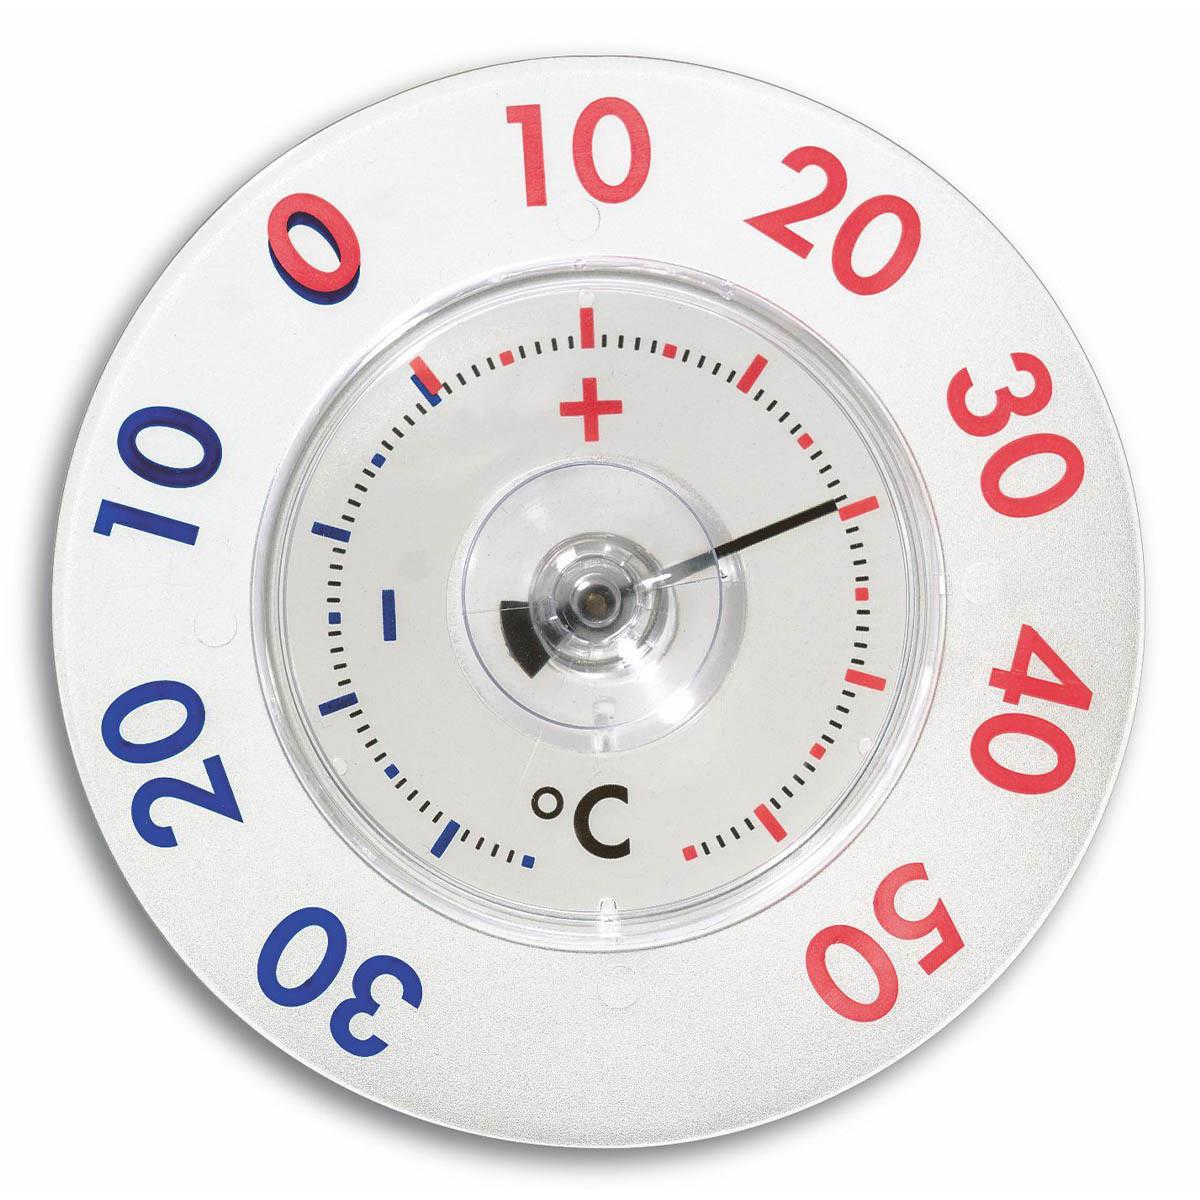 14-6014-analoges-fensterthermometer-twatcher-xl-variation-1200x1200px.jpg